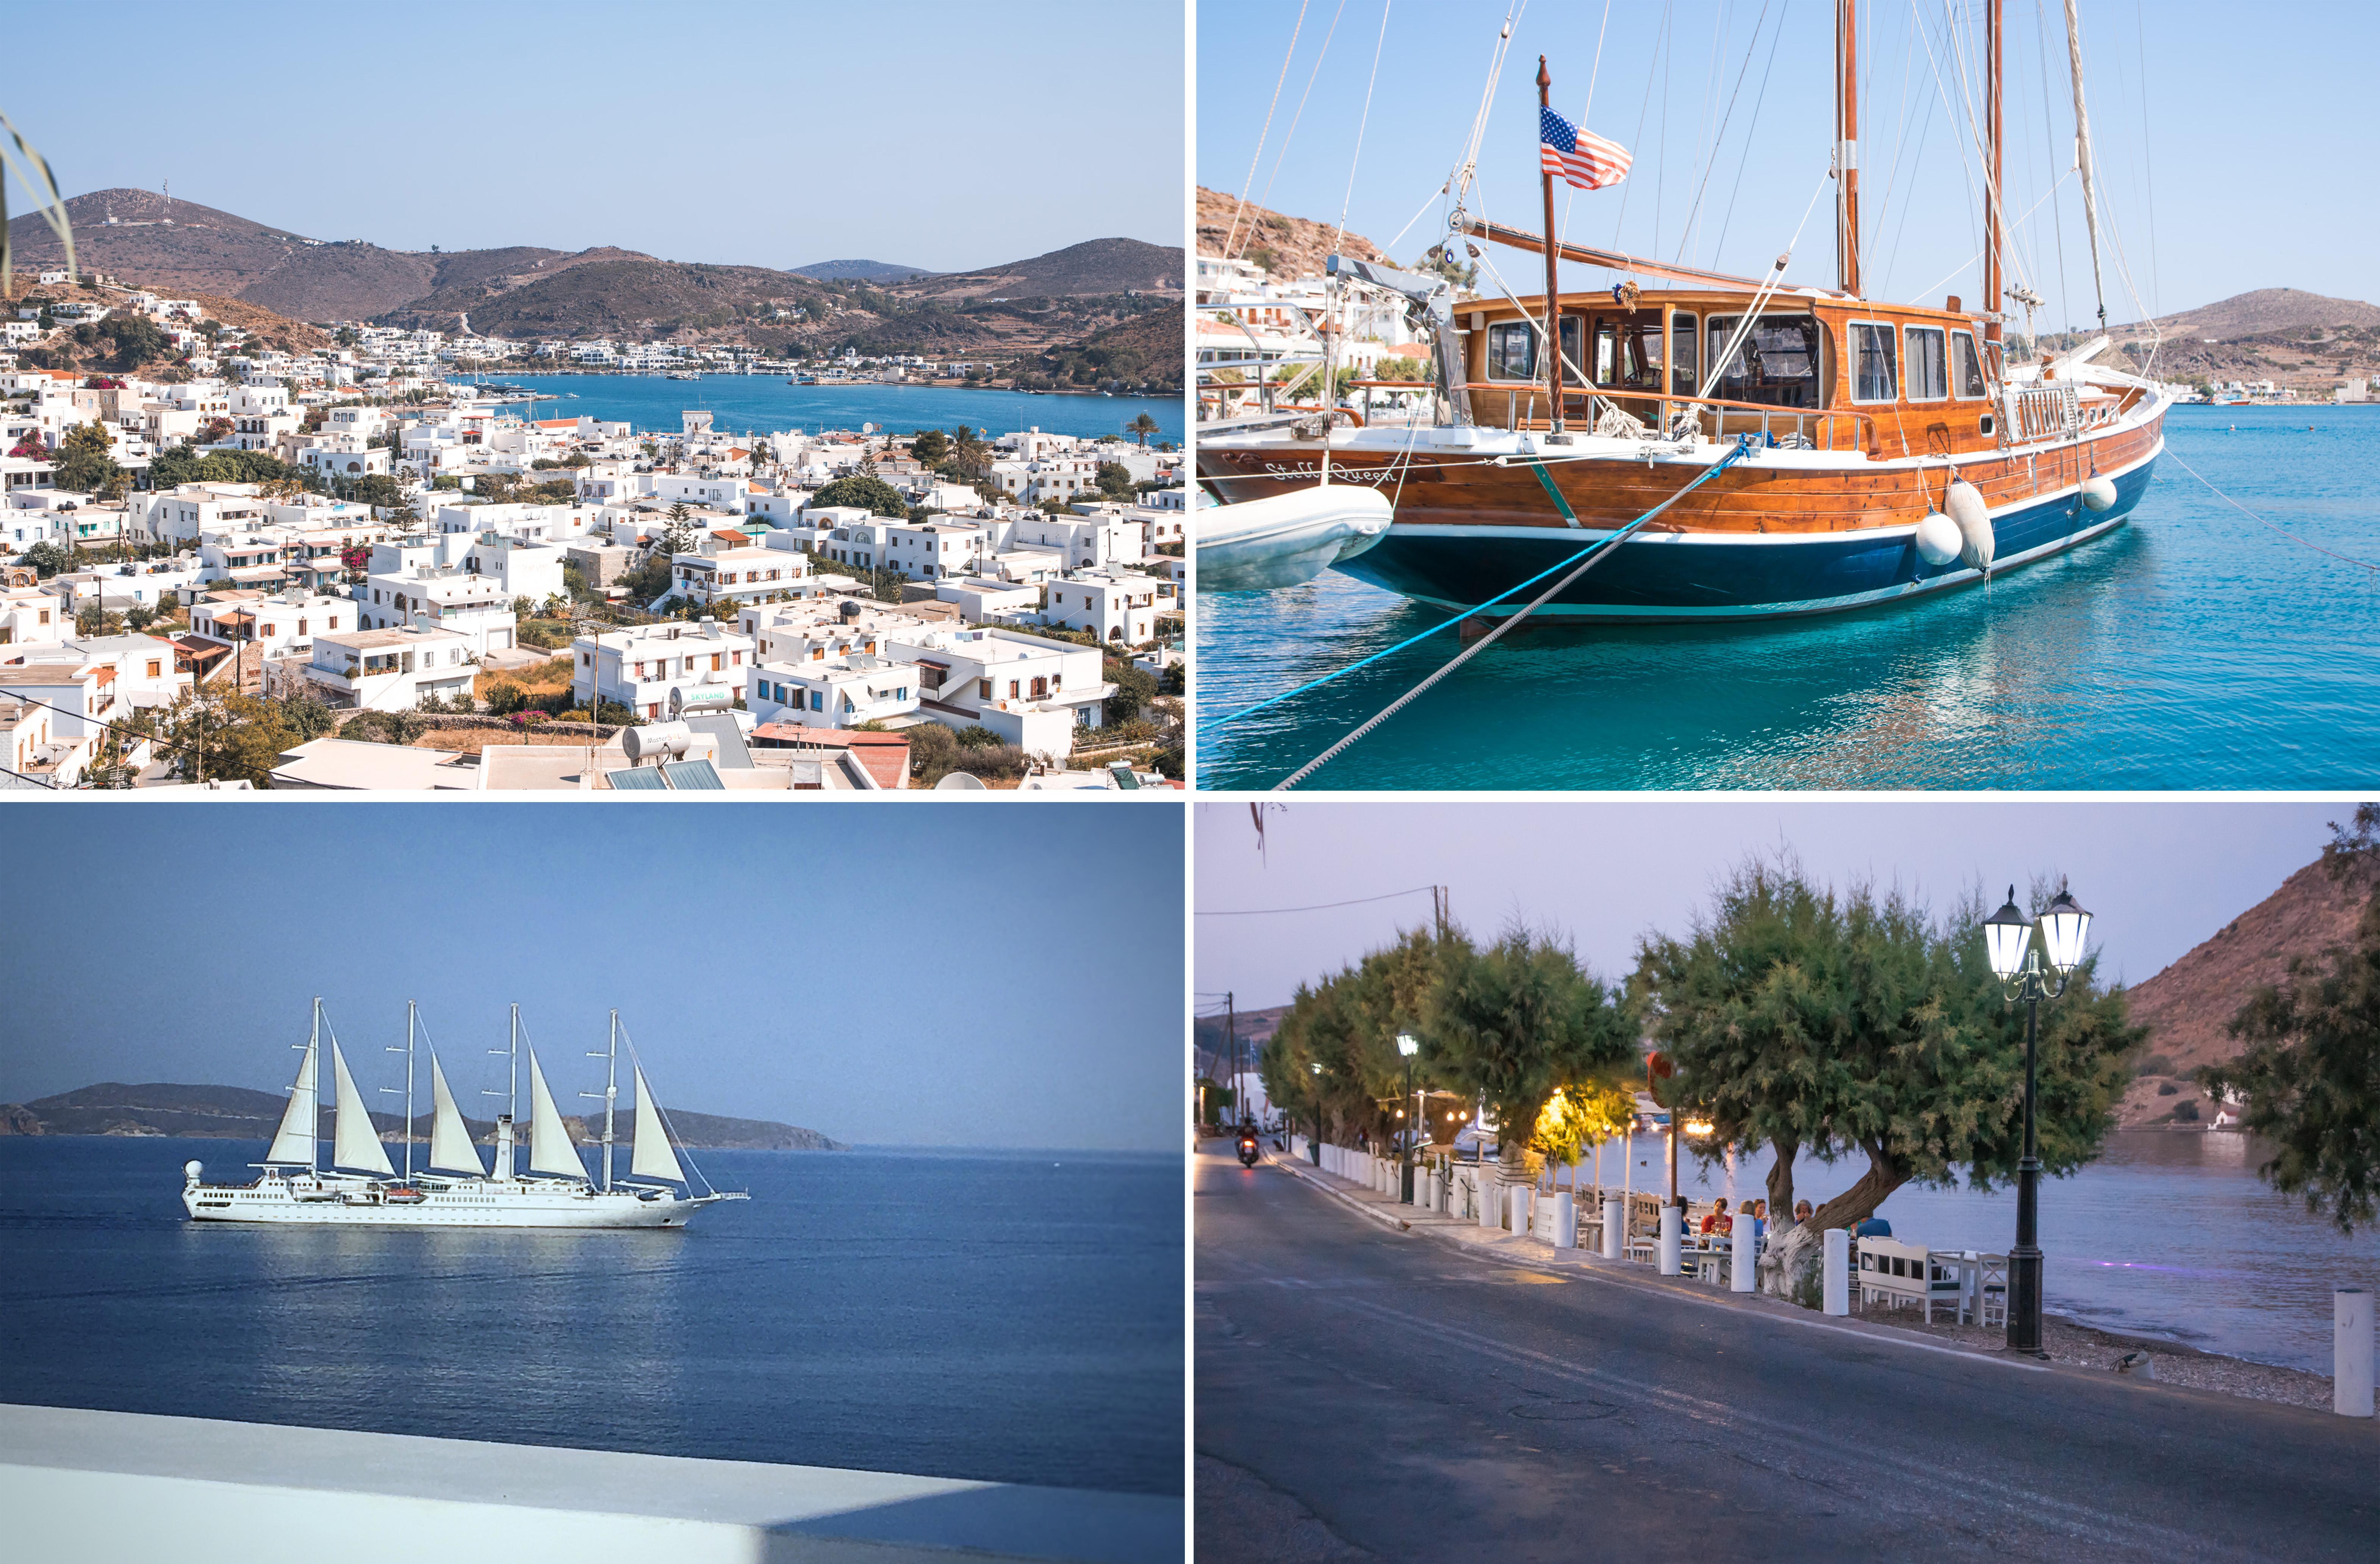 Patmos Stadt, Hafen und Segelboot